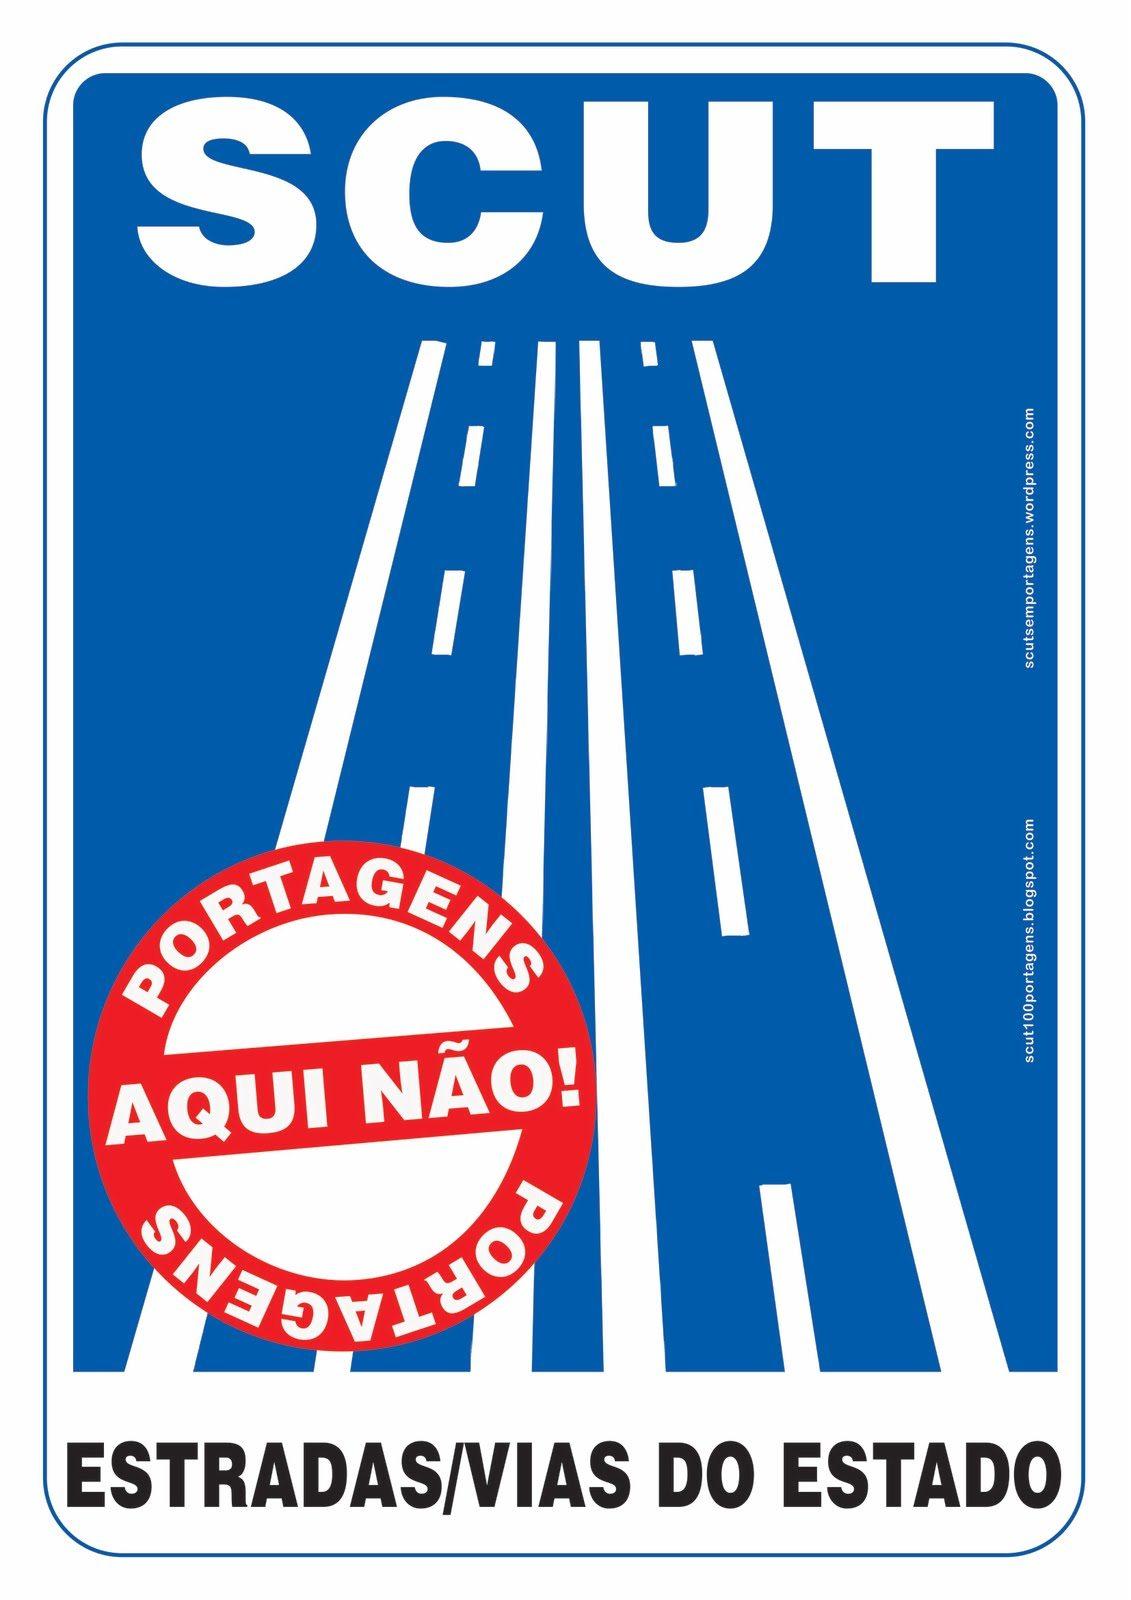 SCUTS: Portugal perde cerca de 1.5 milhões de euros